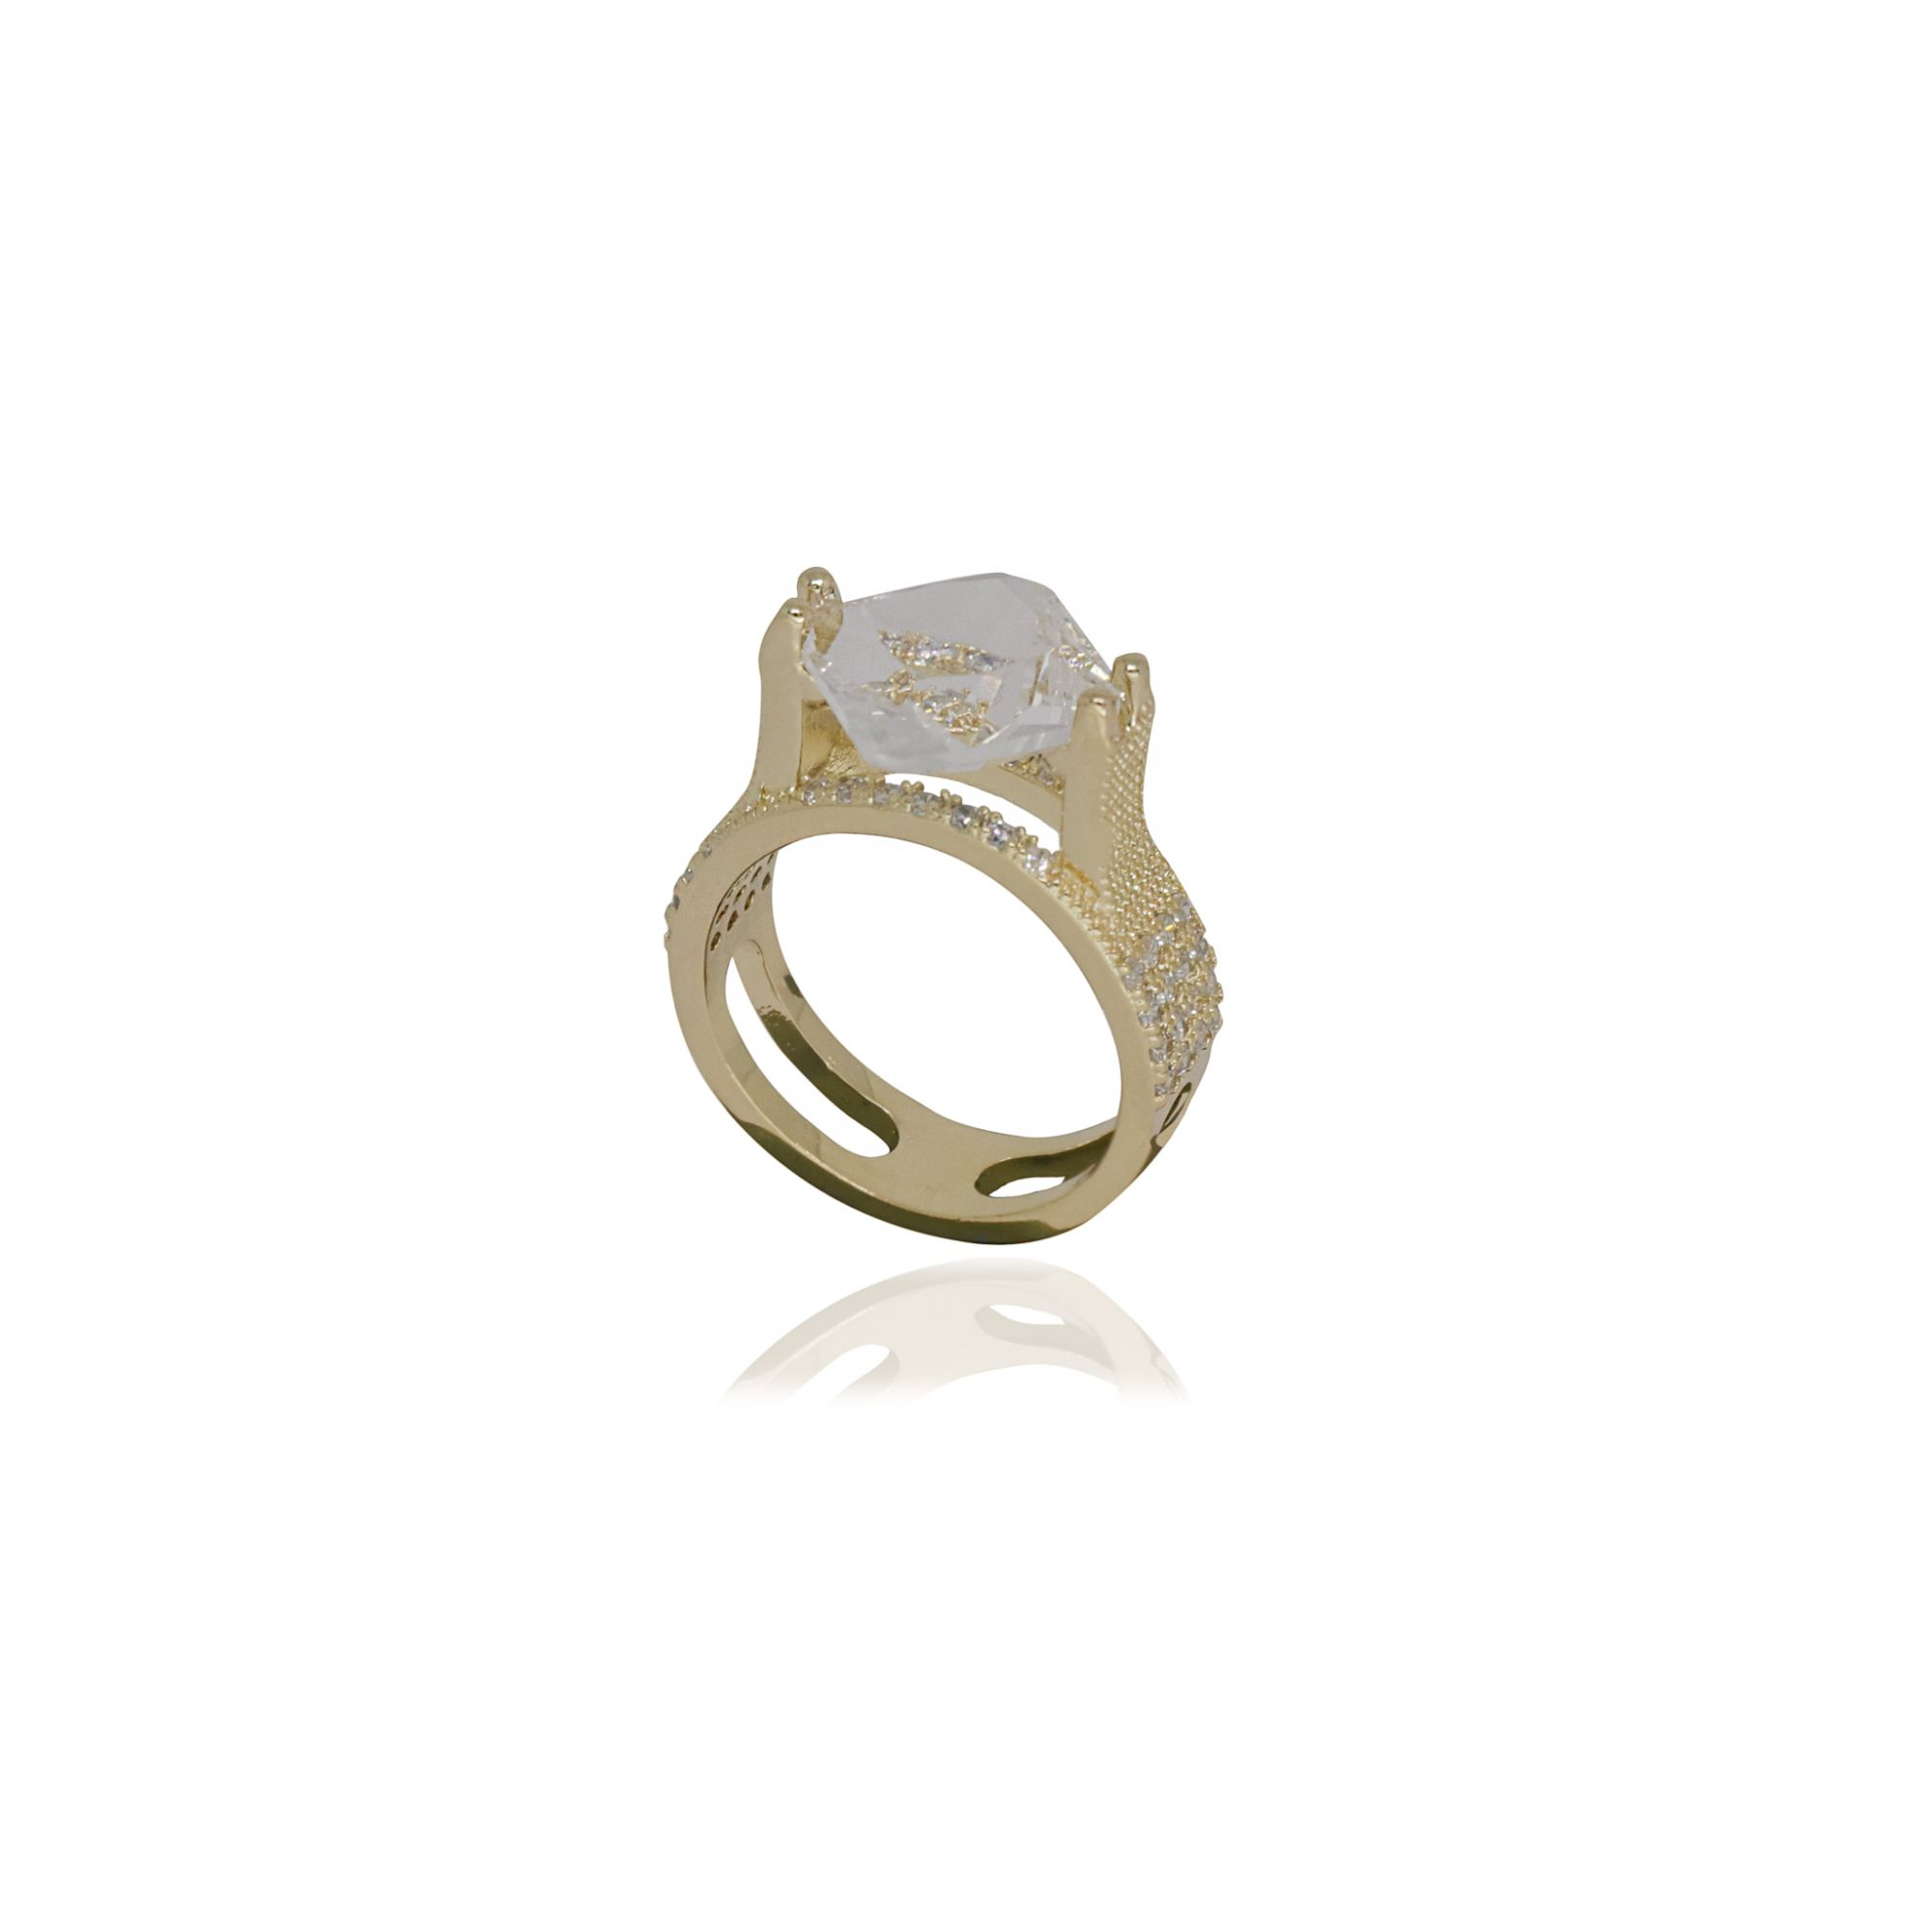 Anel semijoia Quadrado cristal e zircônia e folheado a ouro 18k ou rhodium